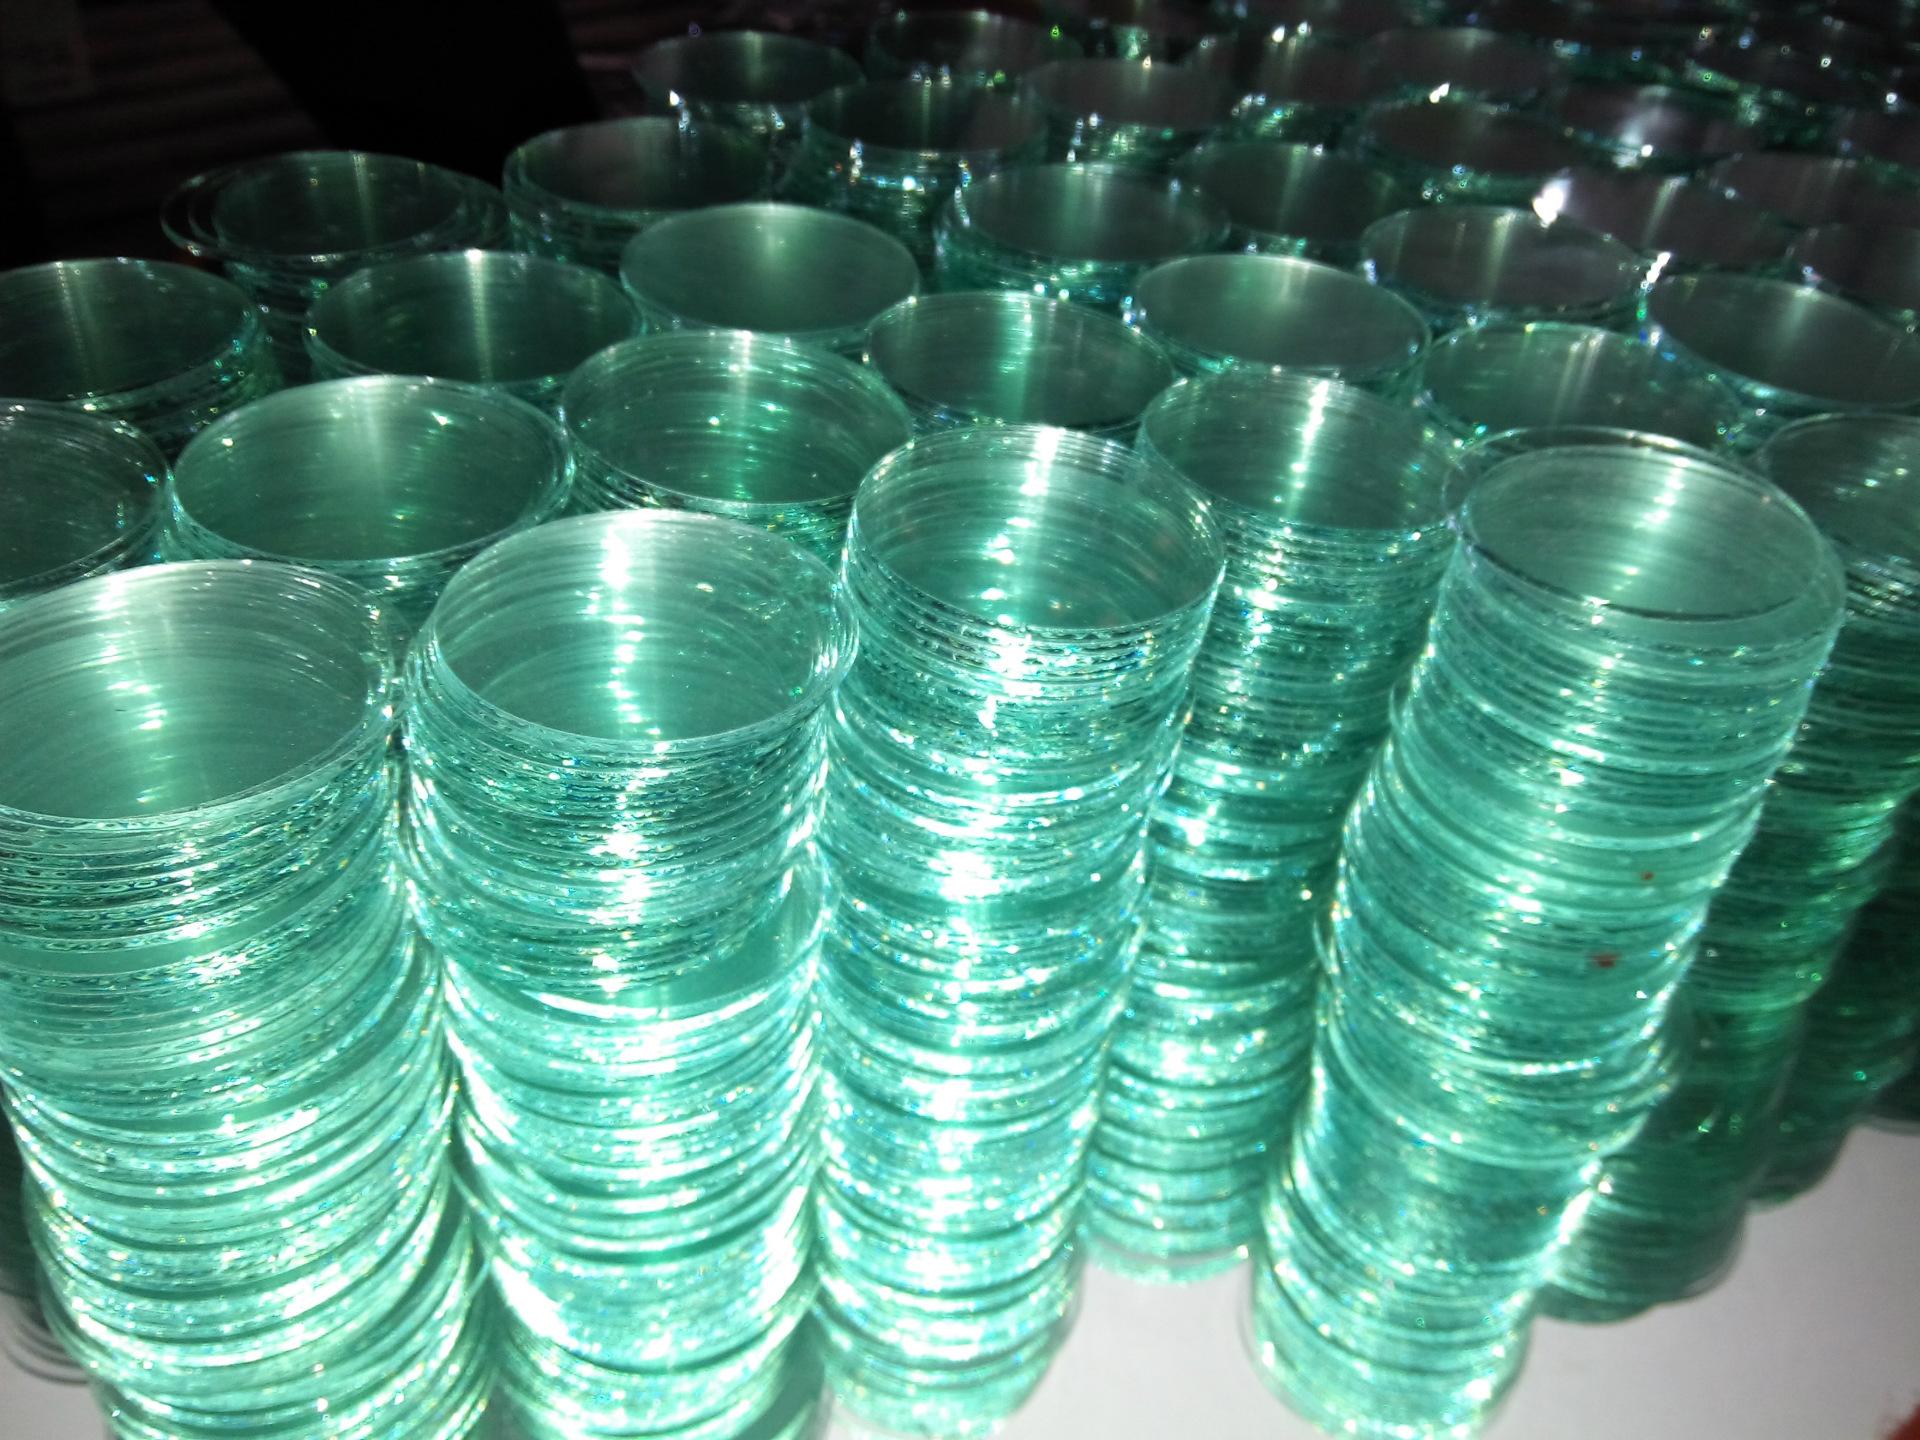 玻璃深加工仪表钢化玻璃灯具钢化玻璃